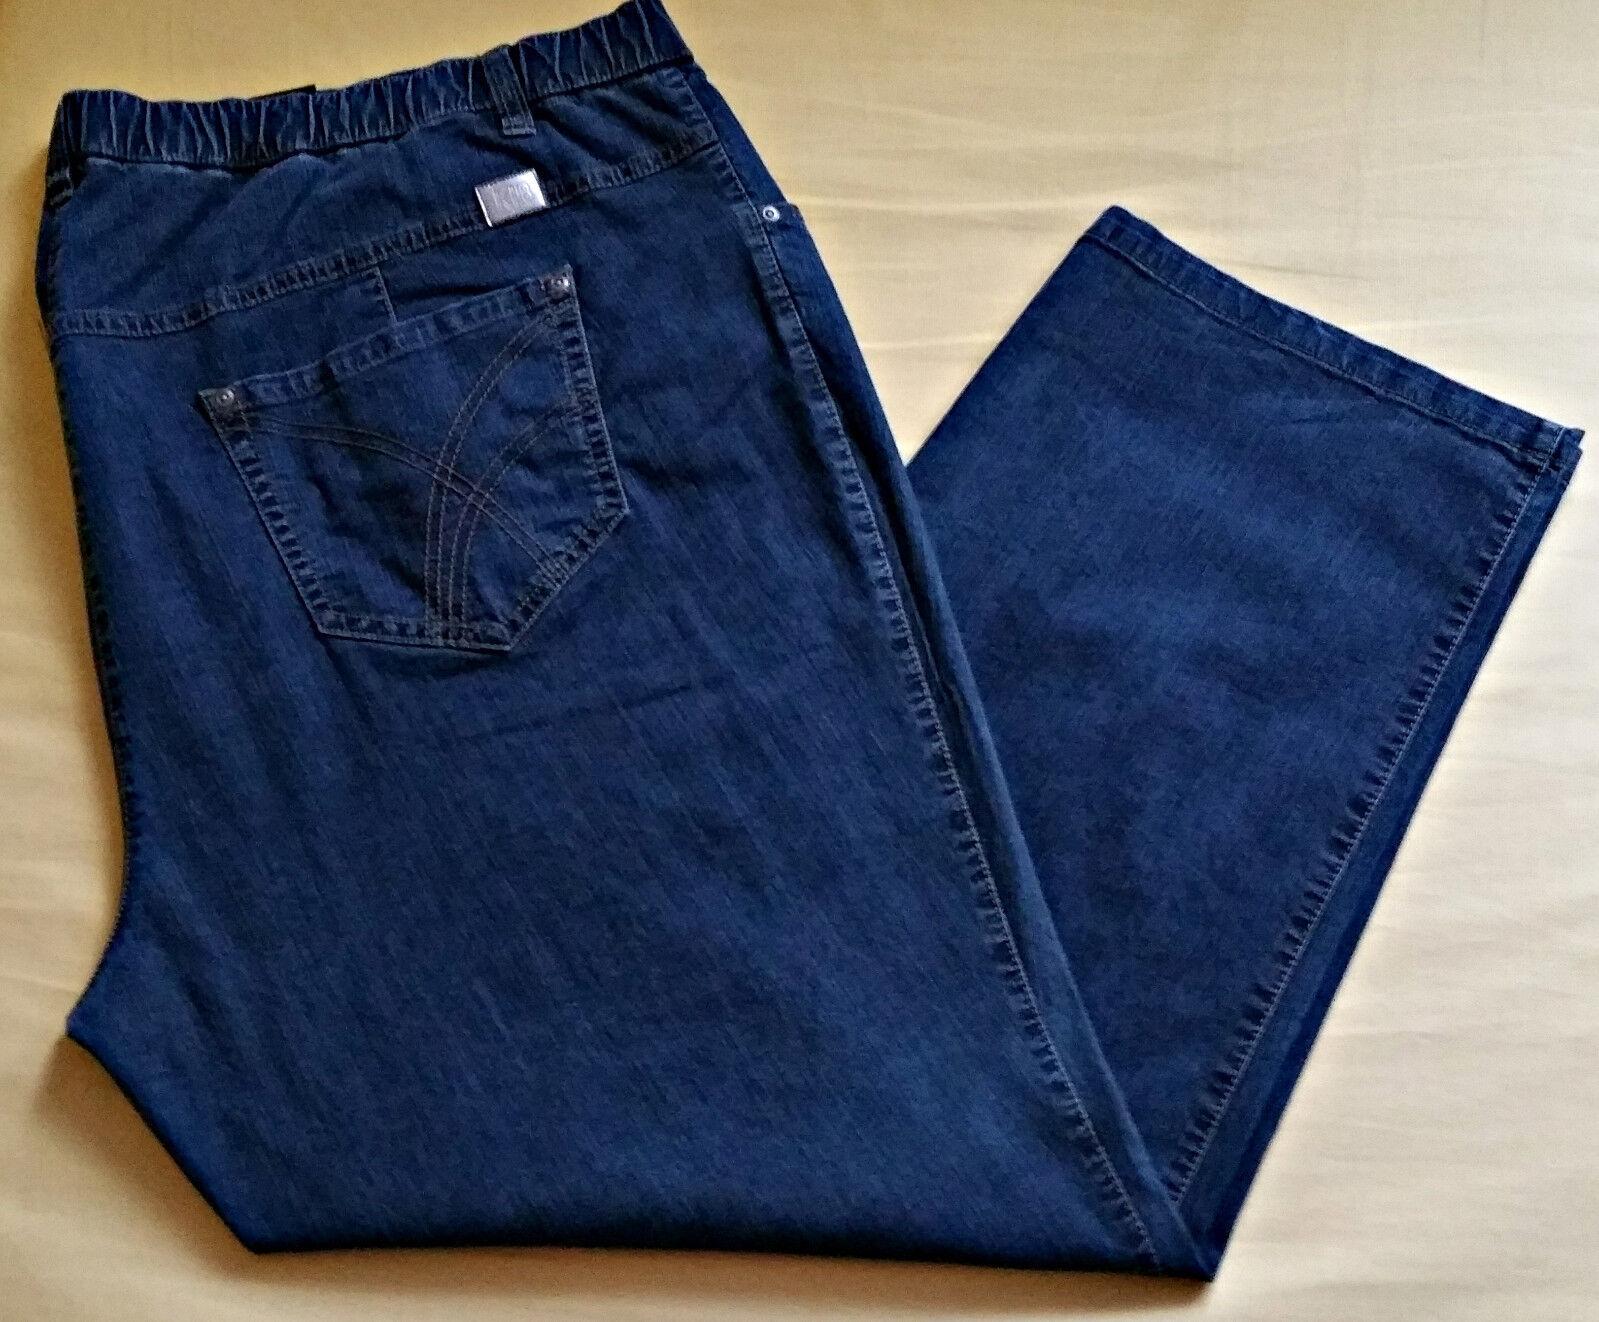 Jeans Stretchhose Stoffhose Modell Betty KjBRAND KjBRAND KjBRAND Gr.28  Jeansblau 857456